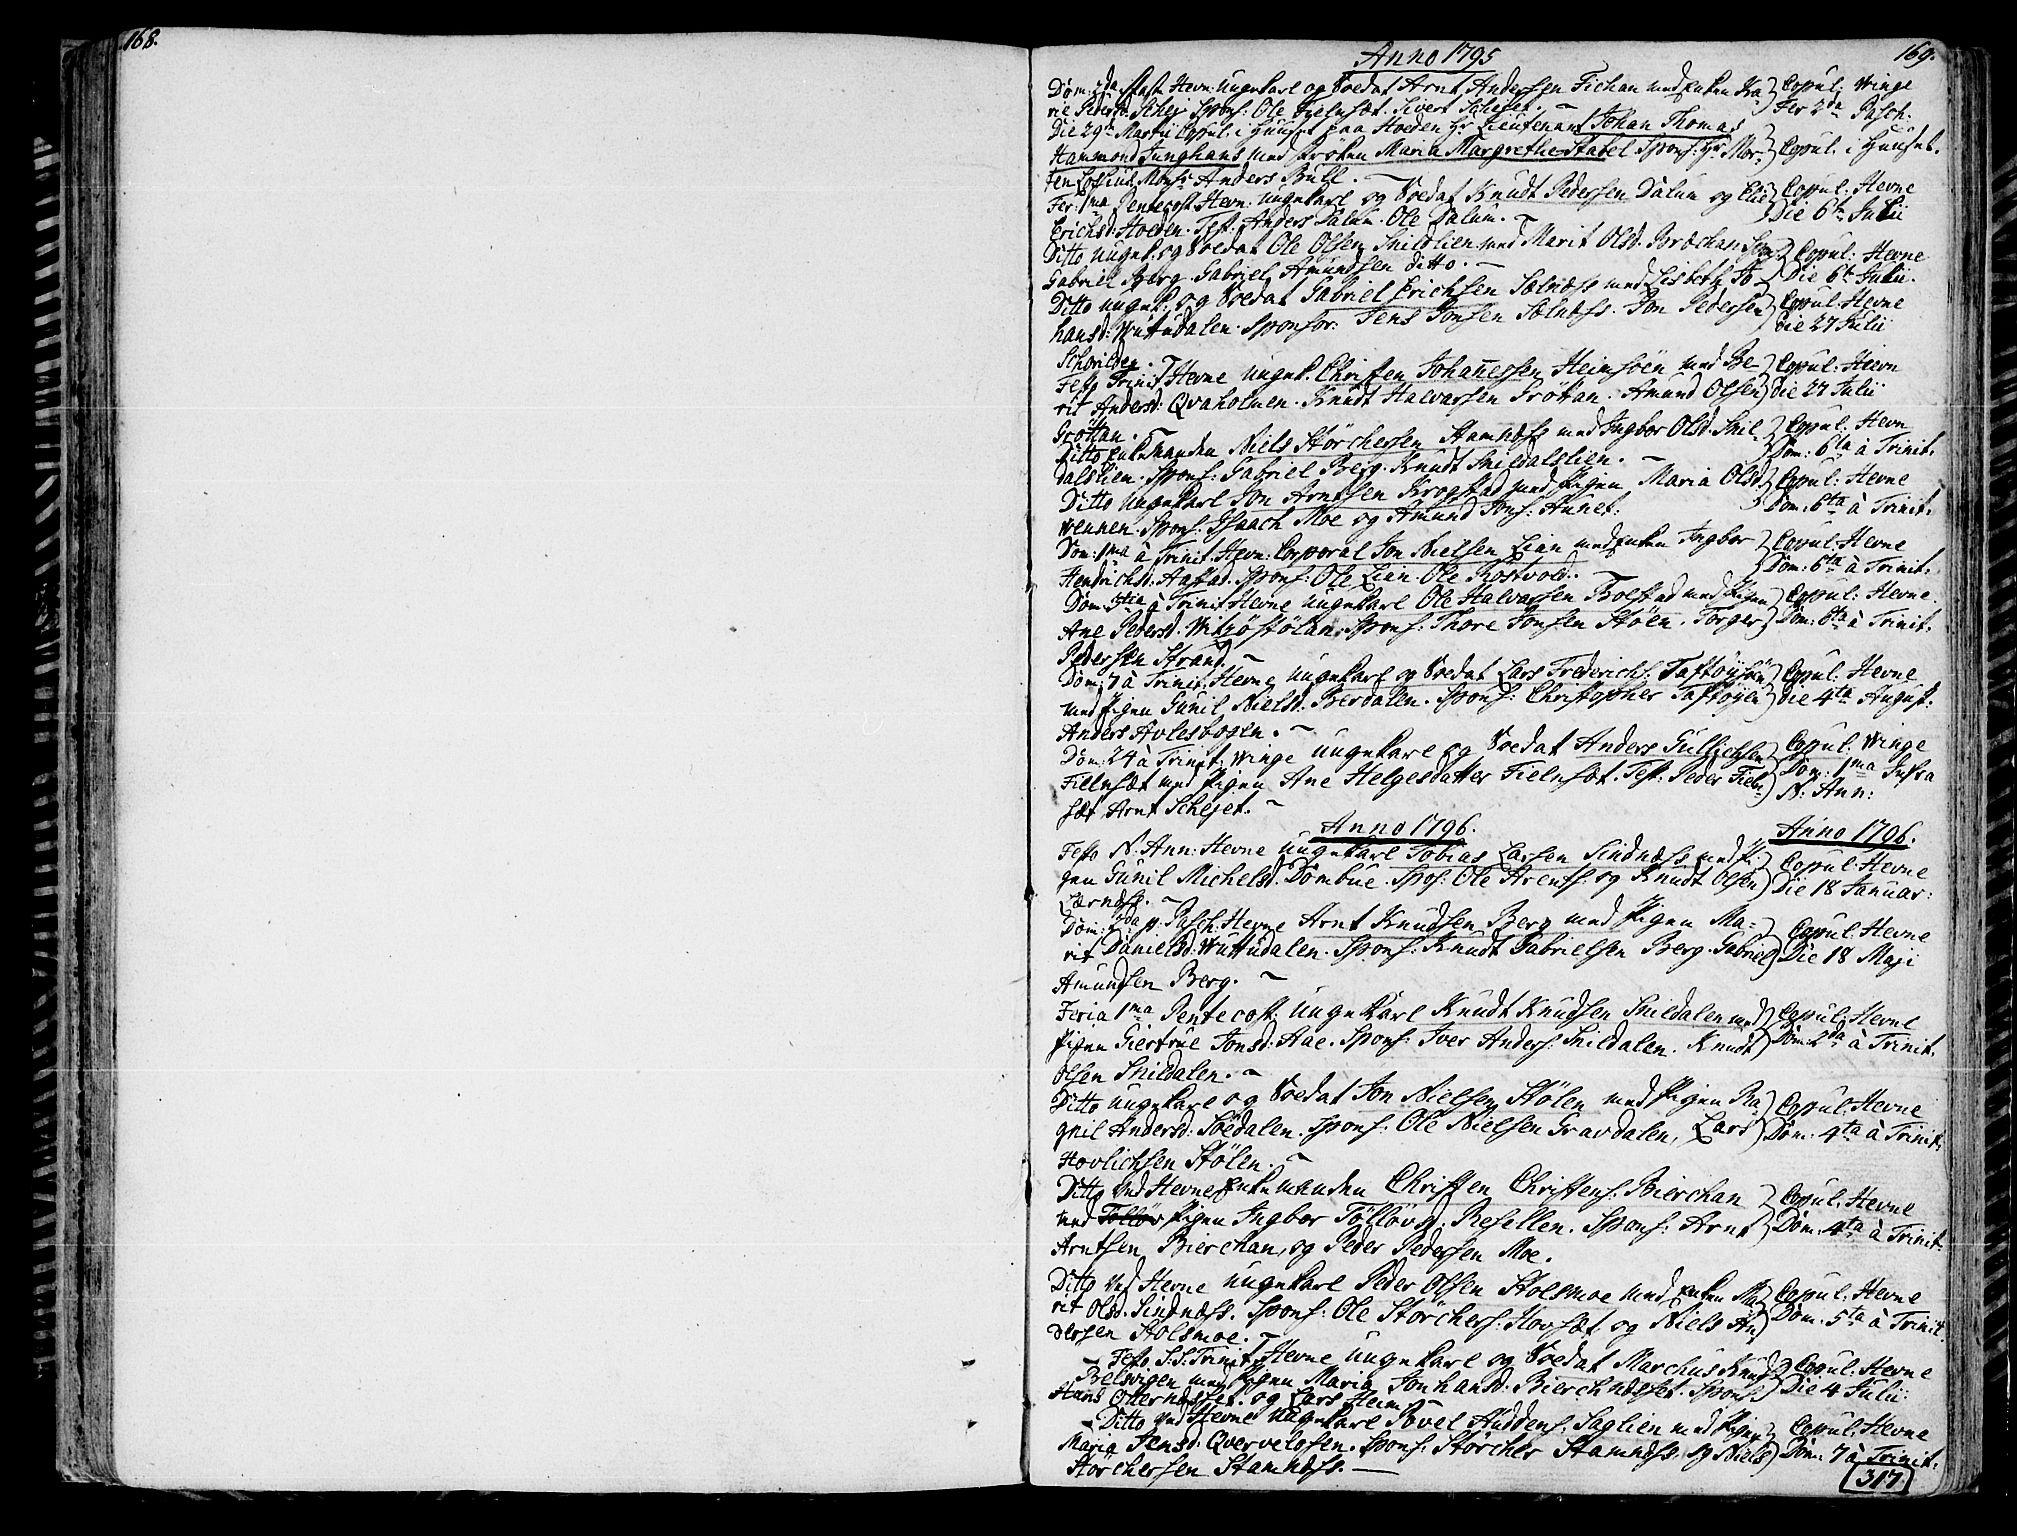 SAT, Ministerialprotokoller, klokkerbøker og fødselsregistre - Sør-Trøndelag, 630/L0490: Ministerialbok nr. 630A03, 1795-1818, s. 168-169